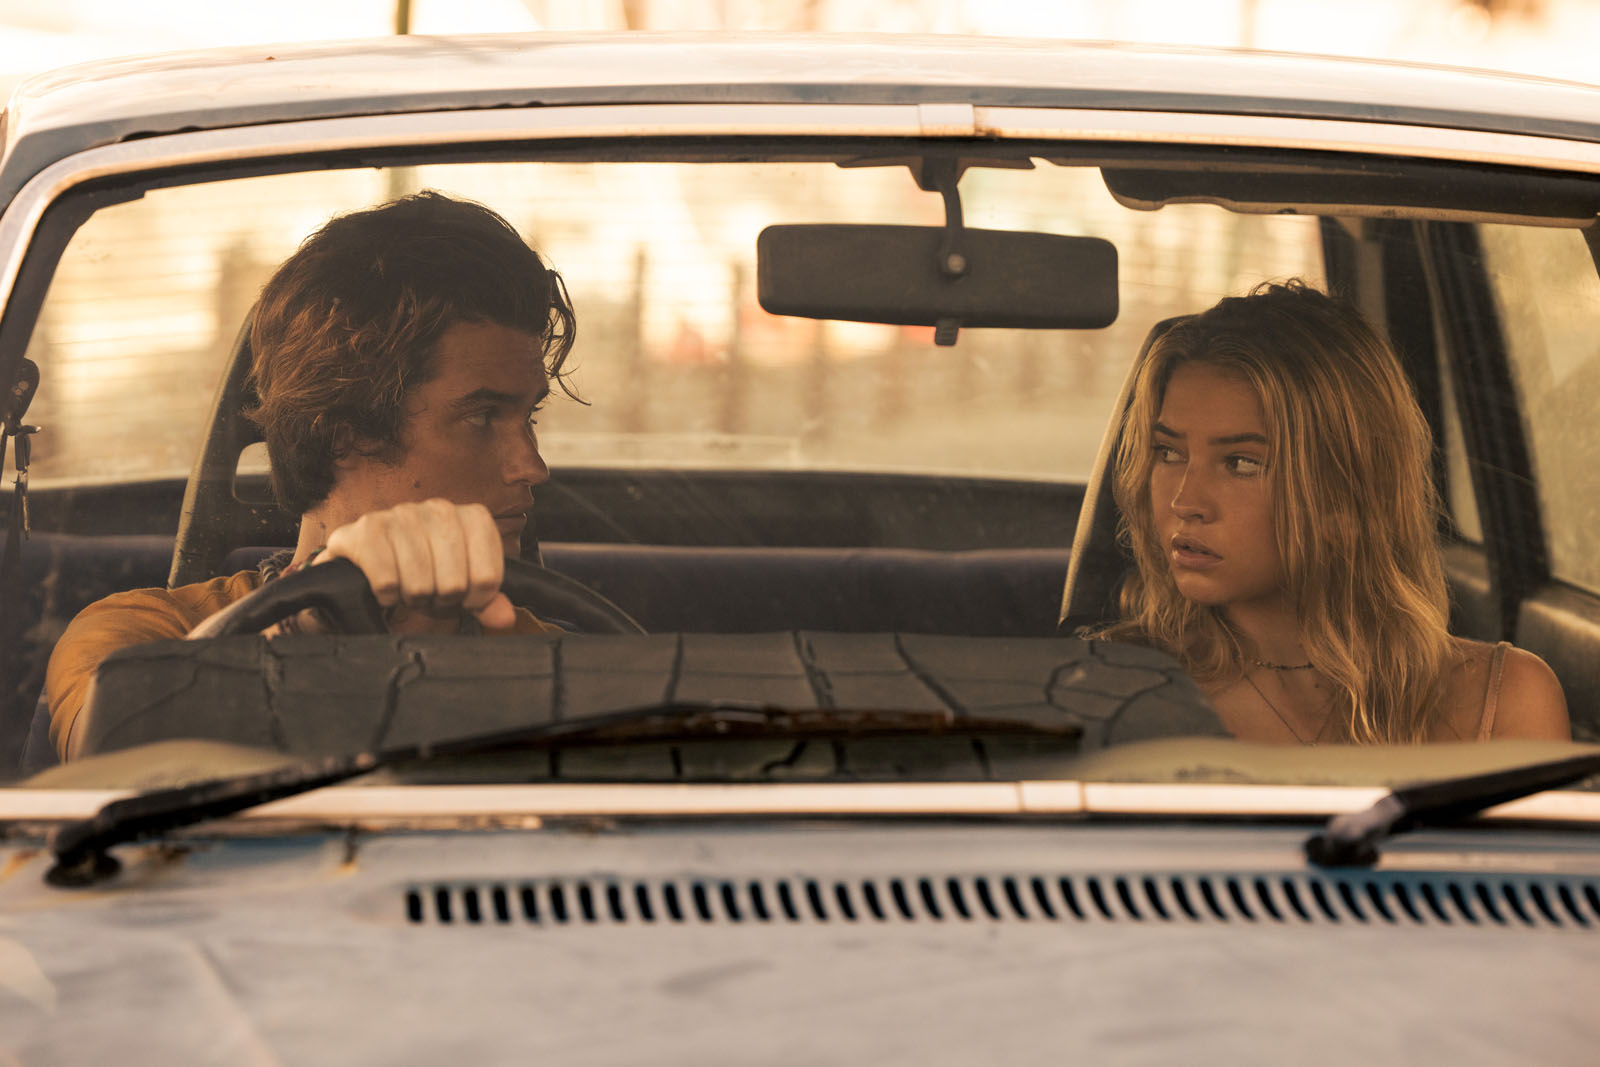 Foto de Sarah e John B. A menina é branca de cabelo loiro. Ela está sentada na direita do carro, olhando para o menino ao seu lado. Este é também branco e de cabelo loiro escuro. Sua blusa é amarela. O carro em que se encontram é cinza escuro.